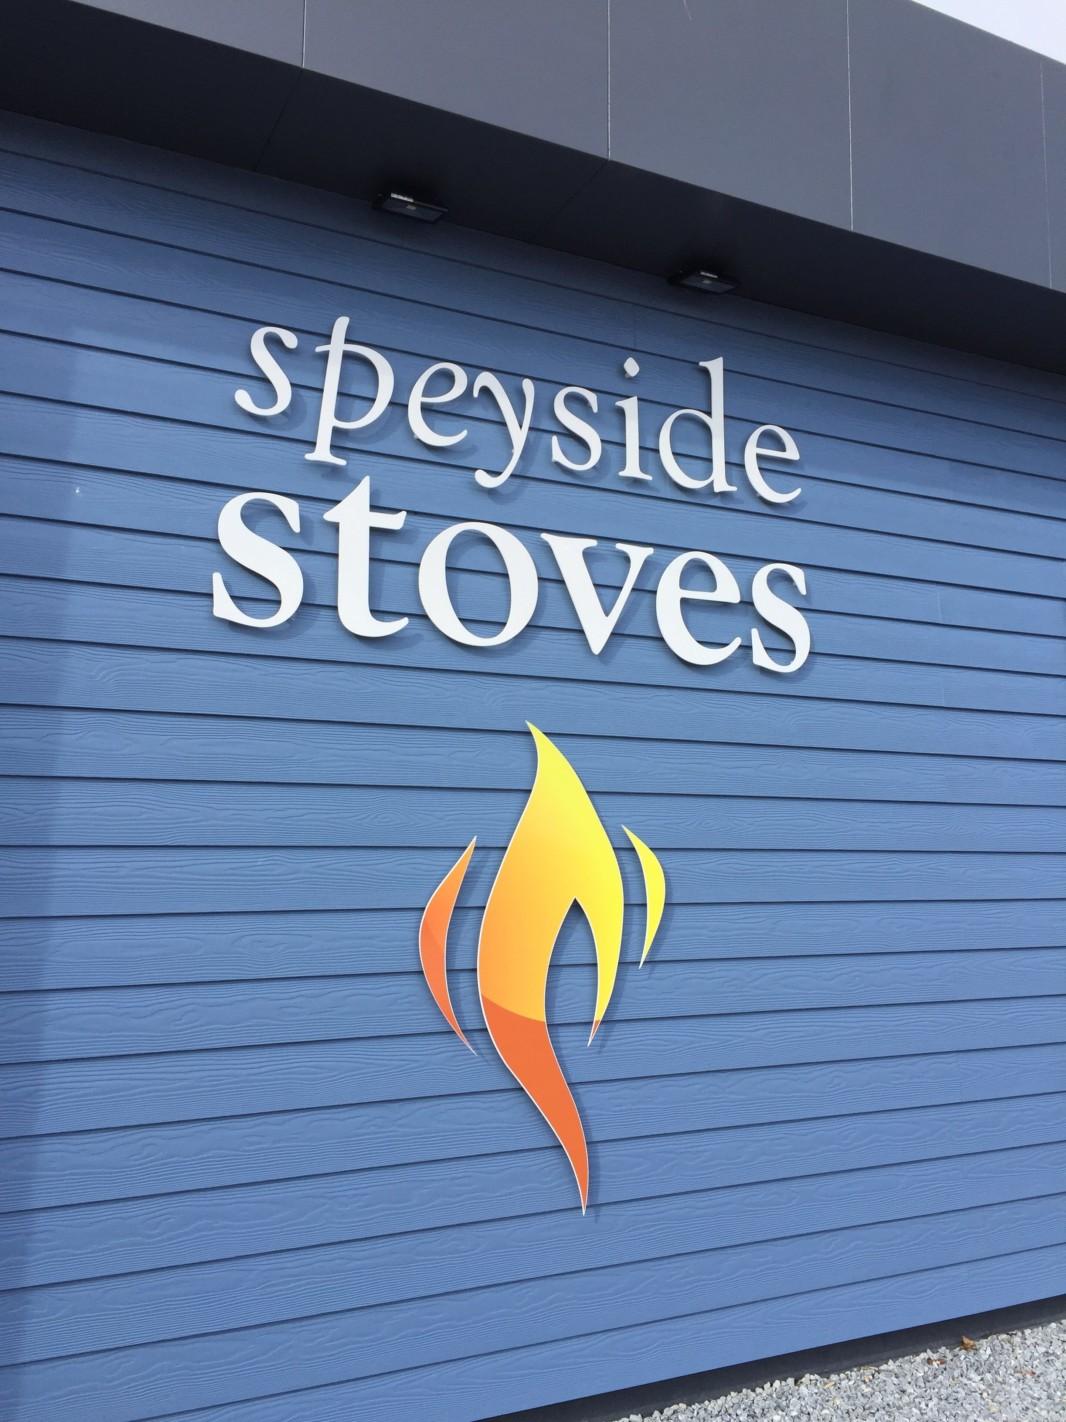 Speyside Stoves